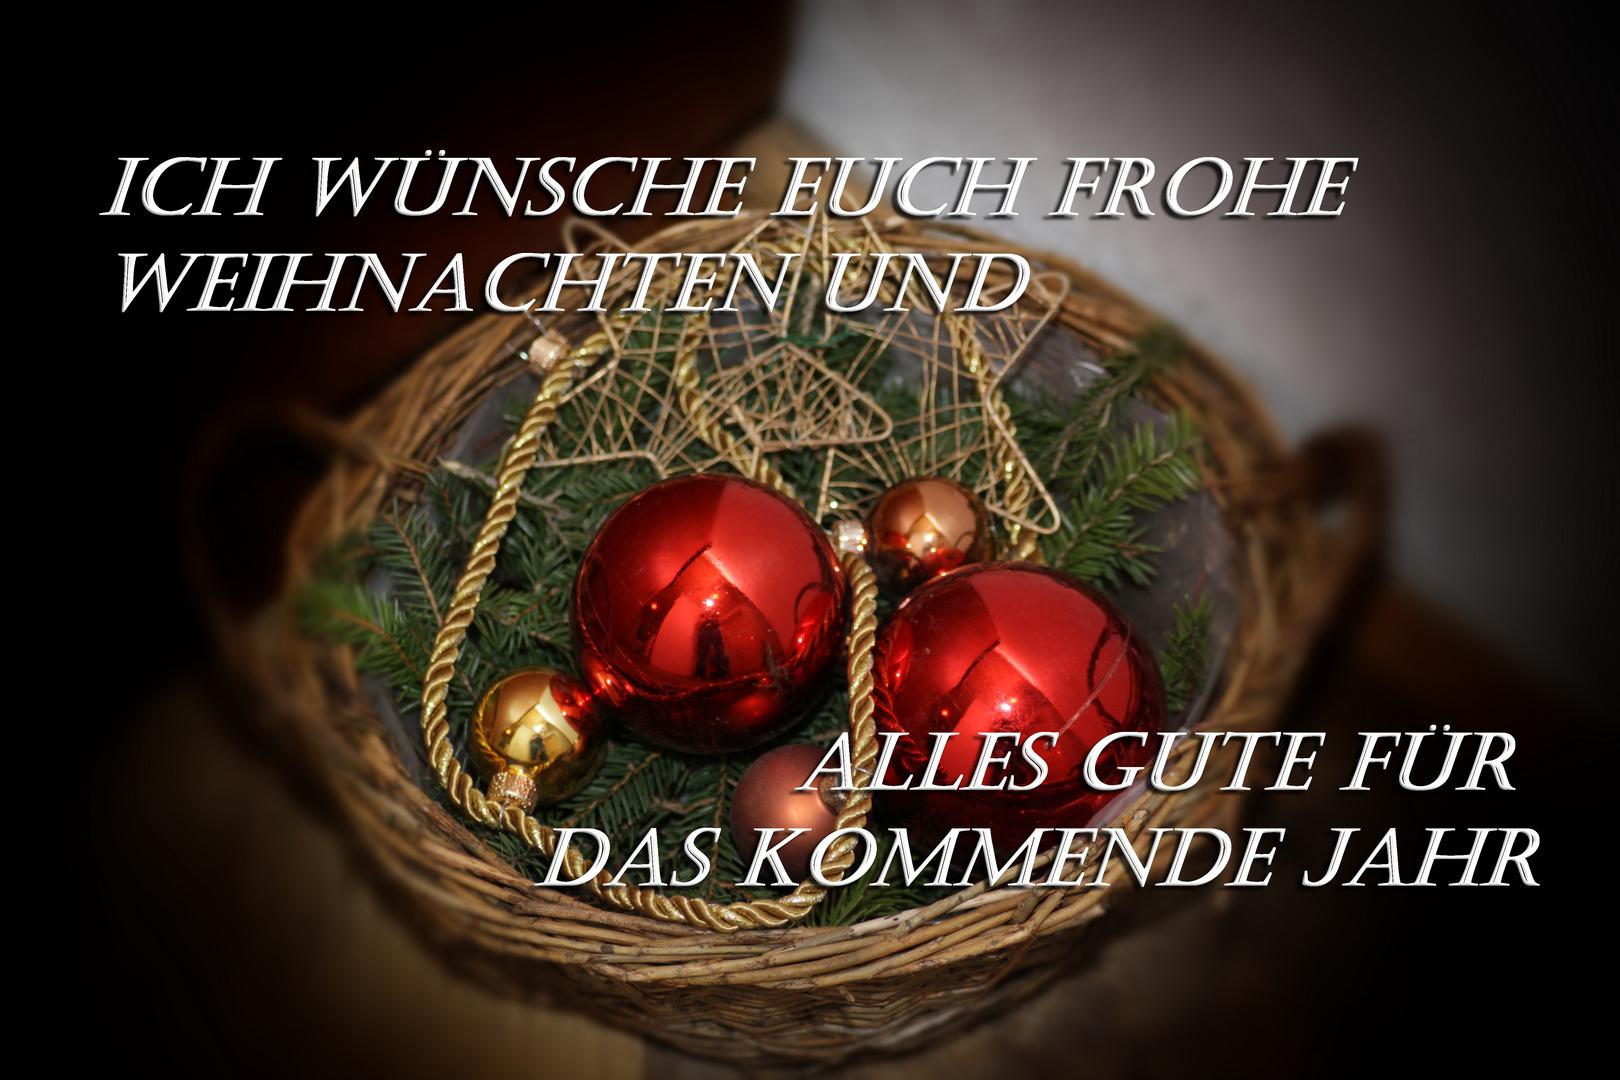 Frohe Weihnachten Und Guten Rutsch In Neues Jahr.Frohe Weihnachten Und Einen Guten Rutsch Ins Neue Jahr Foto